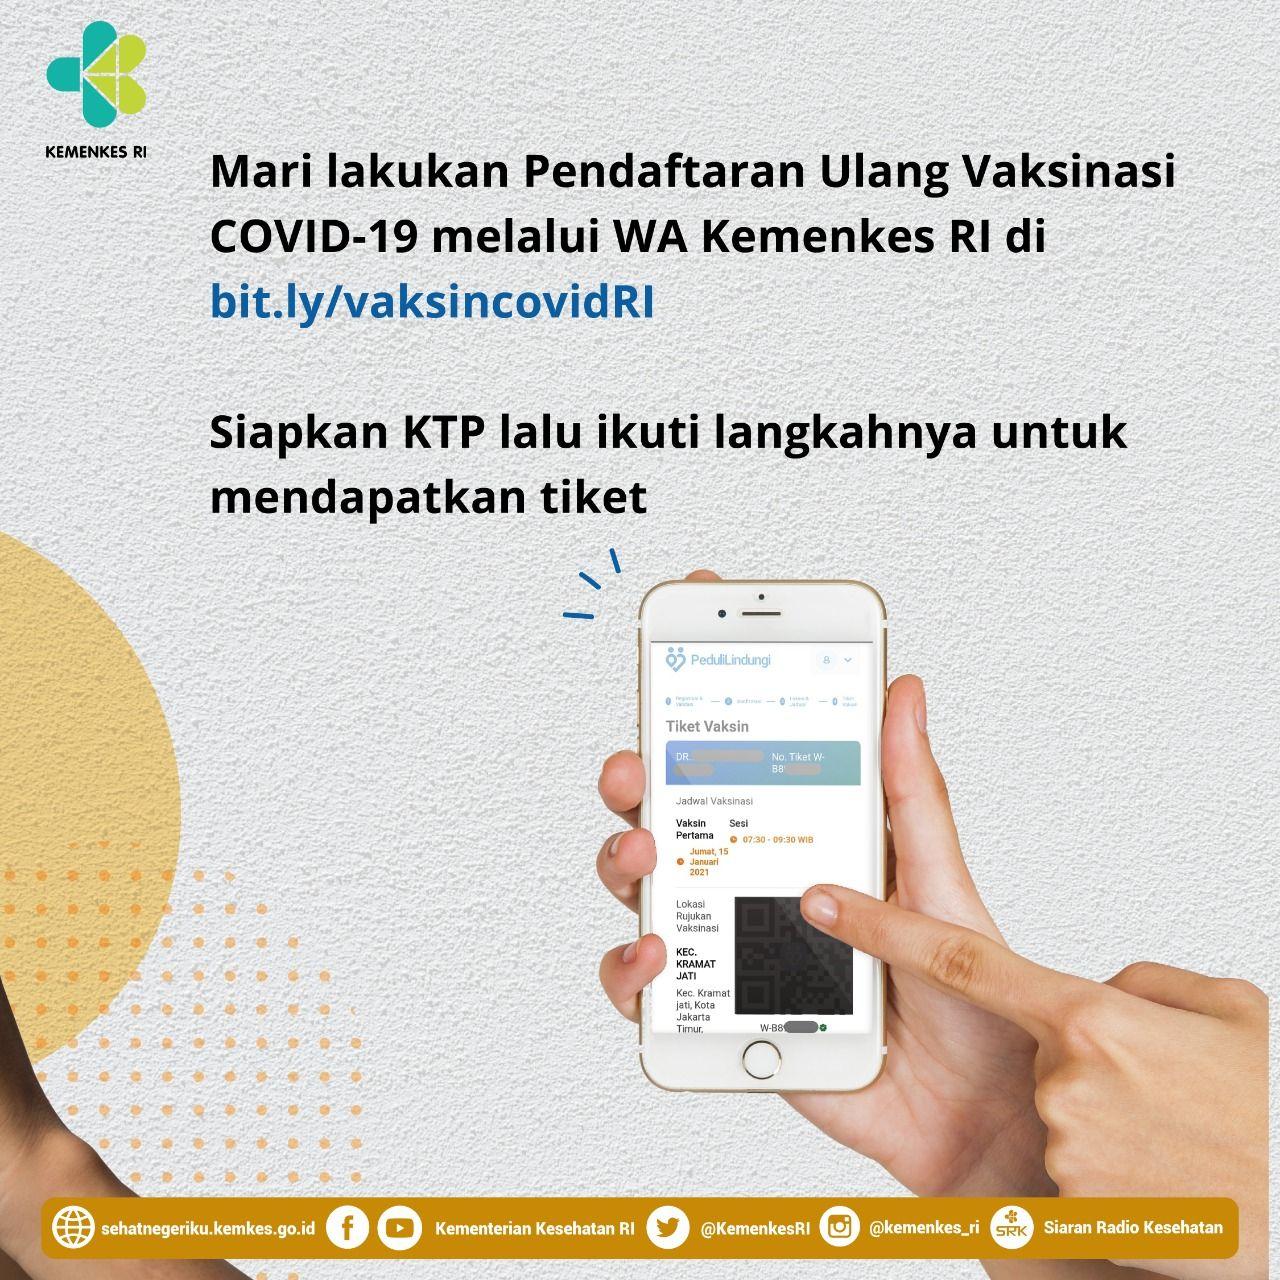 Untuk mempermudah proses registrasi vaksinasi COVID-19 bagi tenaga kesehatan (nakes), pemerintah memanfaatkan chatbot WhatsApp.